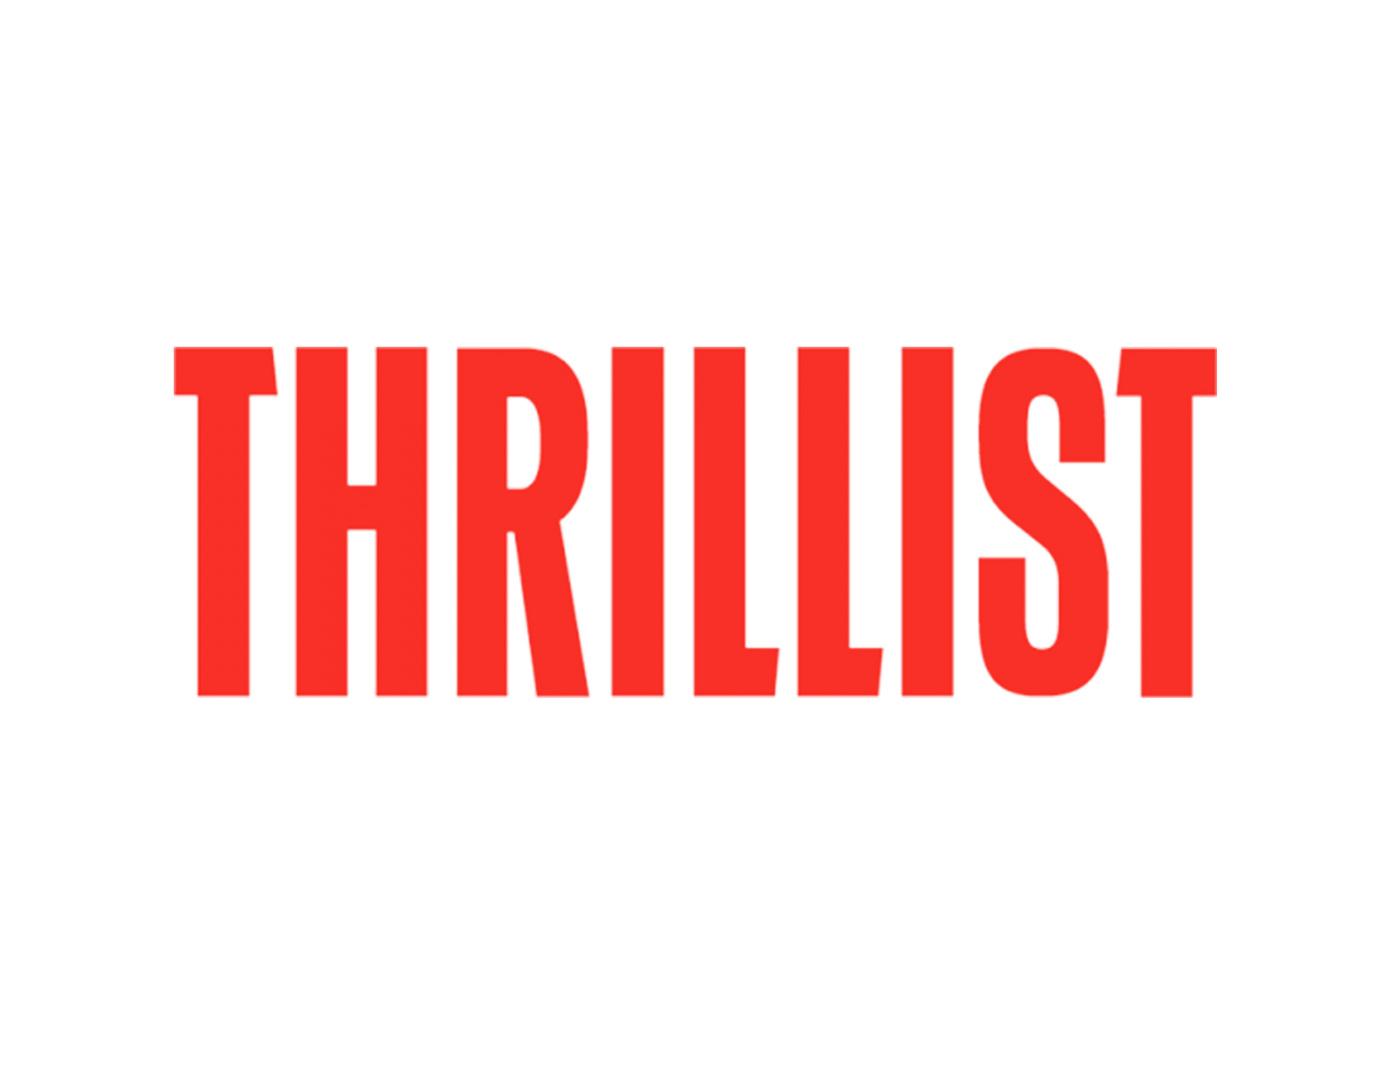 Thrillistlogo.png